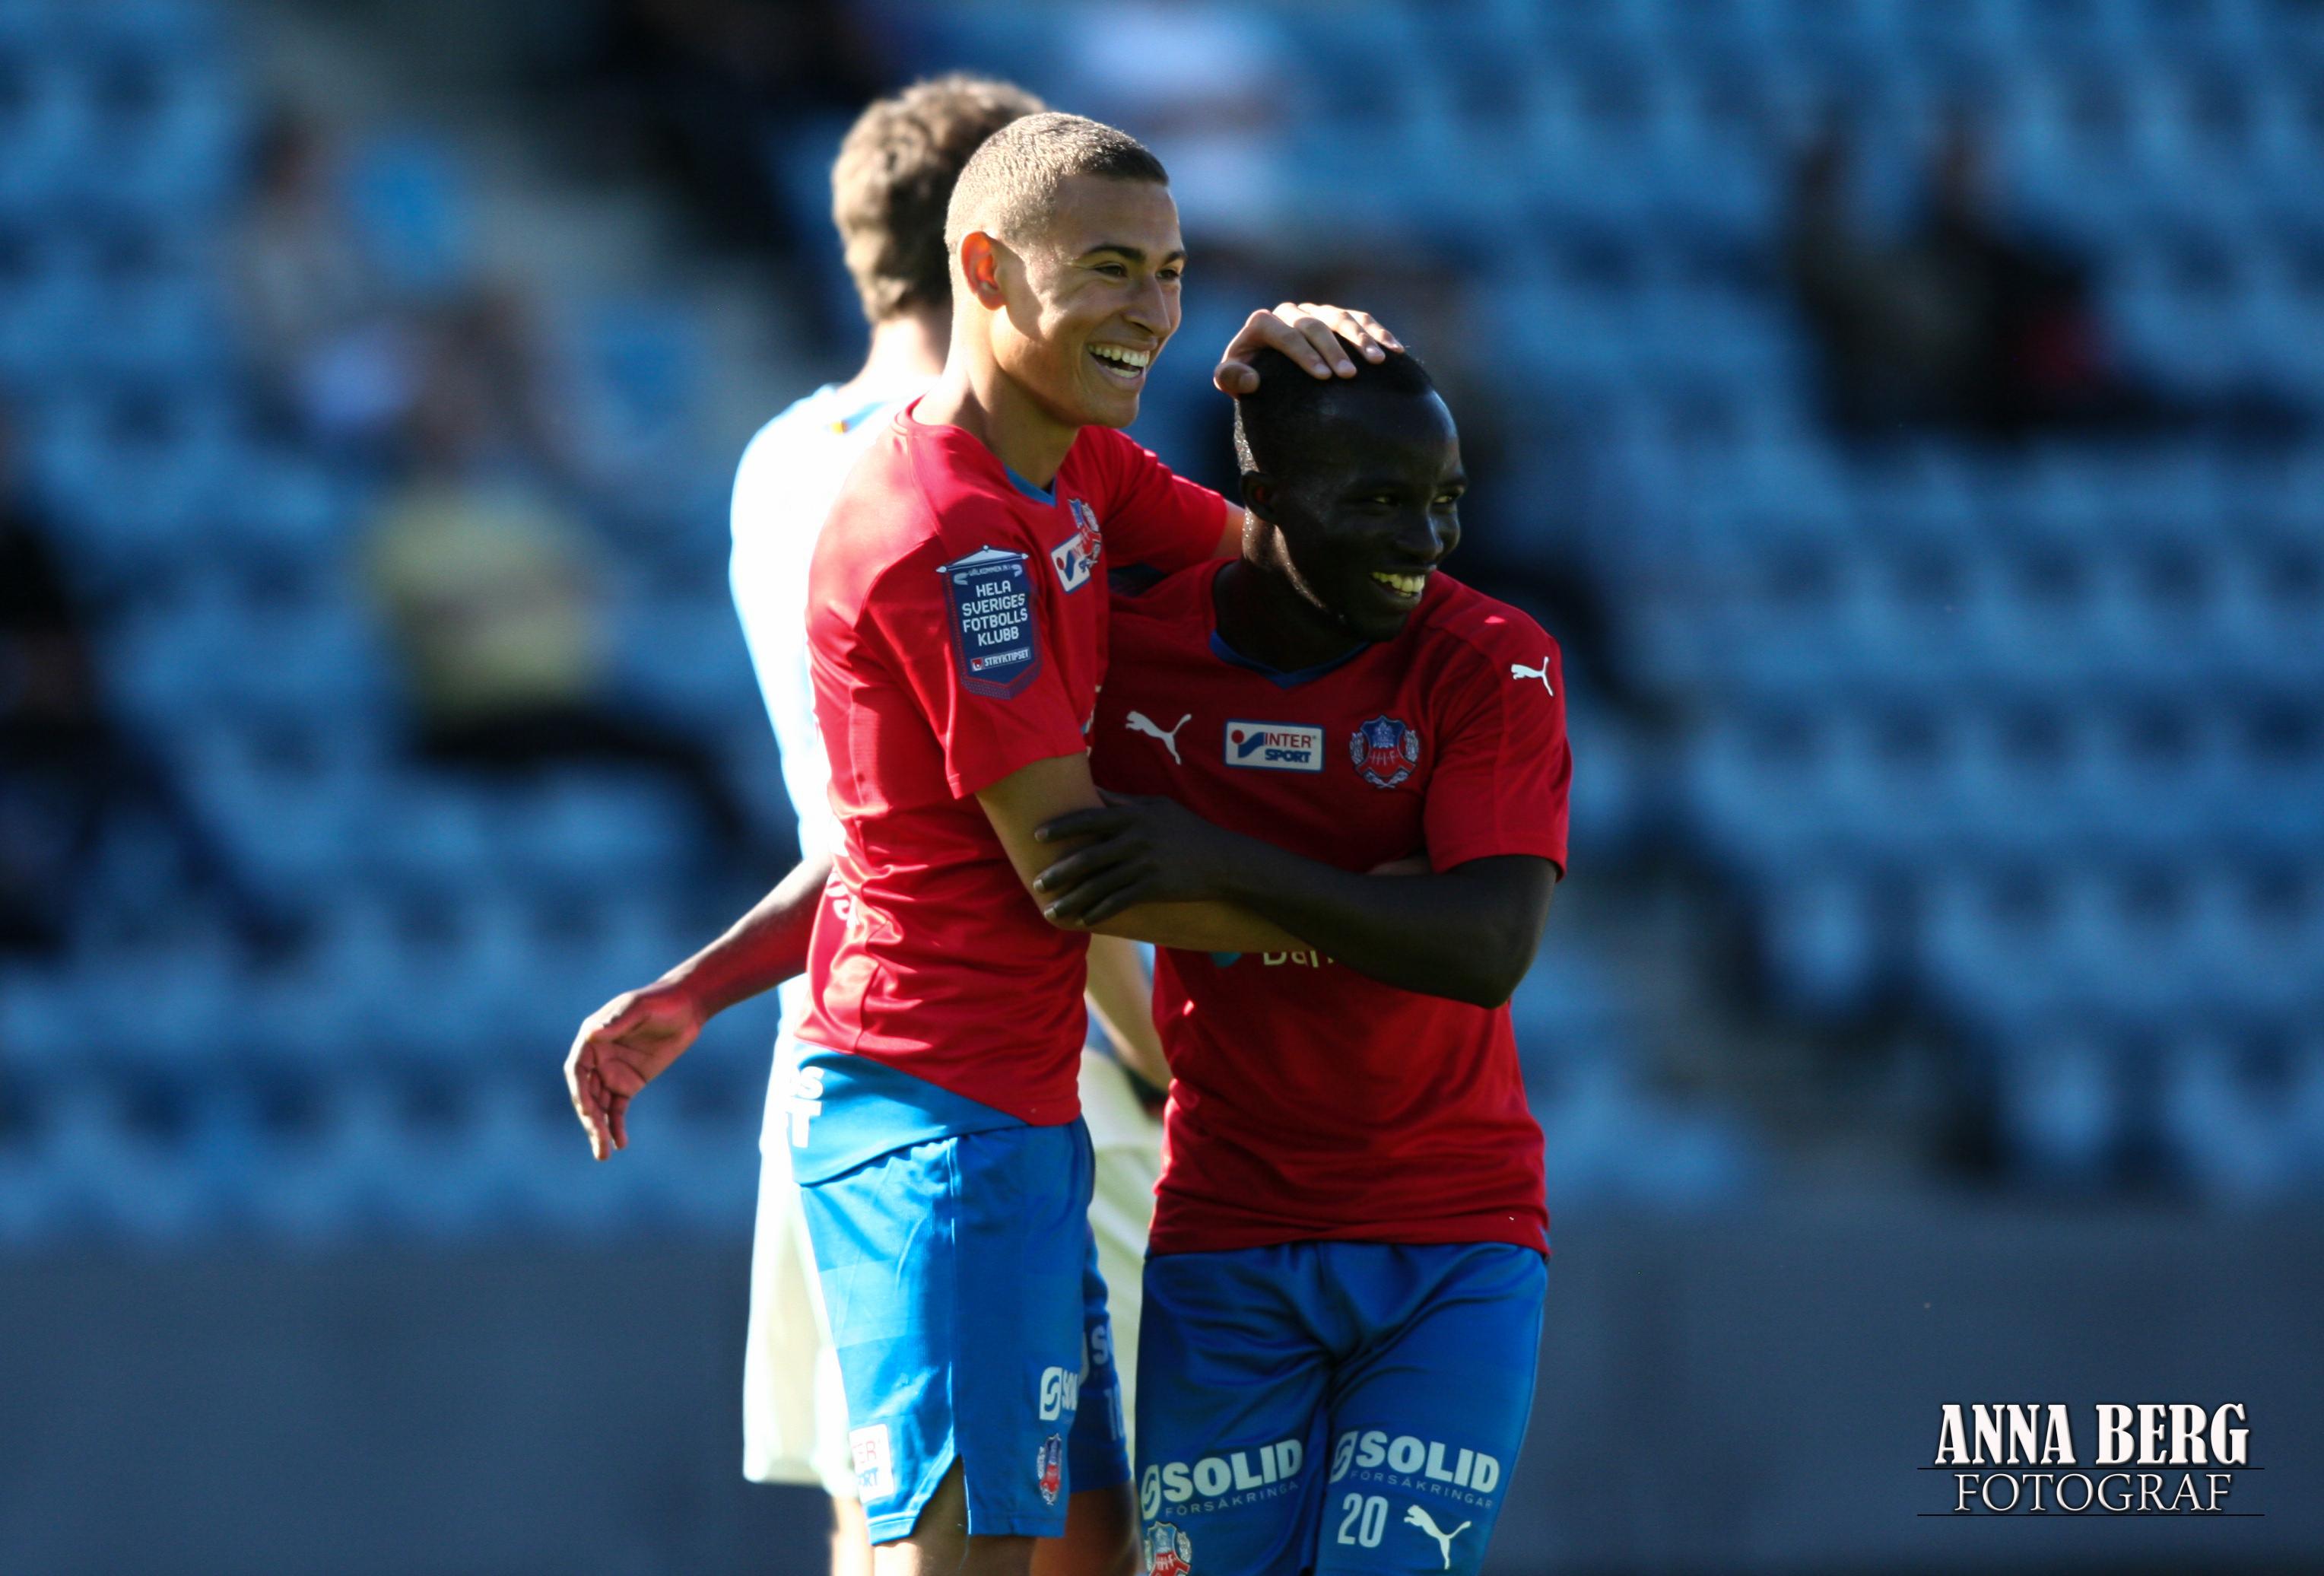 Jordan och Ema firar segern i Skånederbyt Foto: Anna Berg